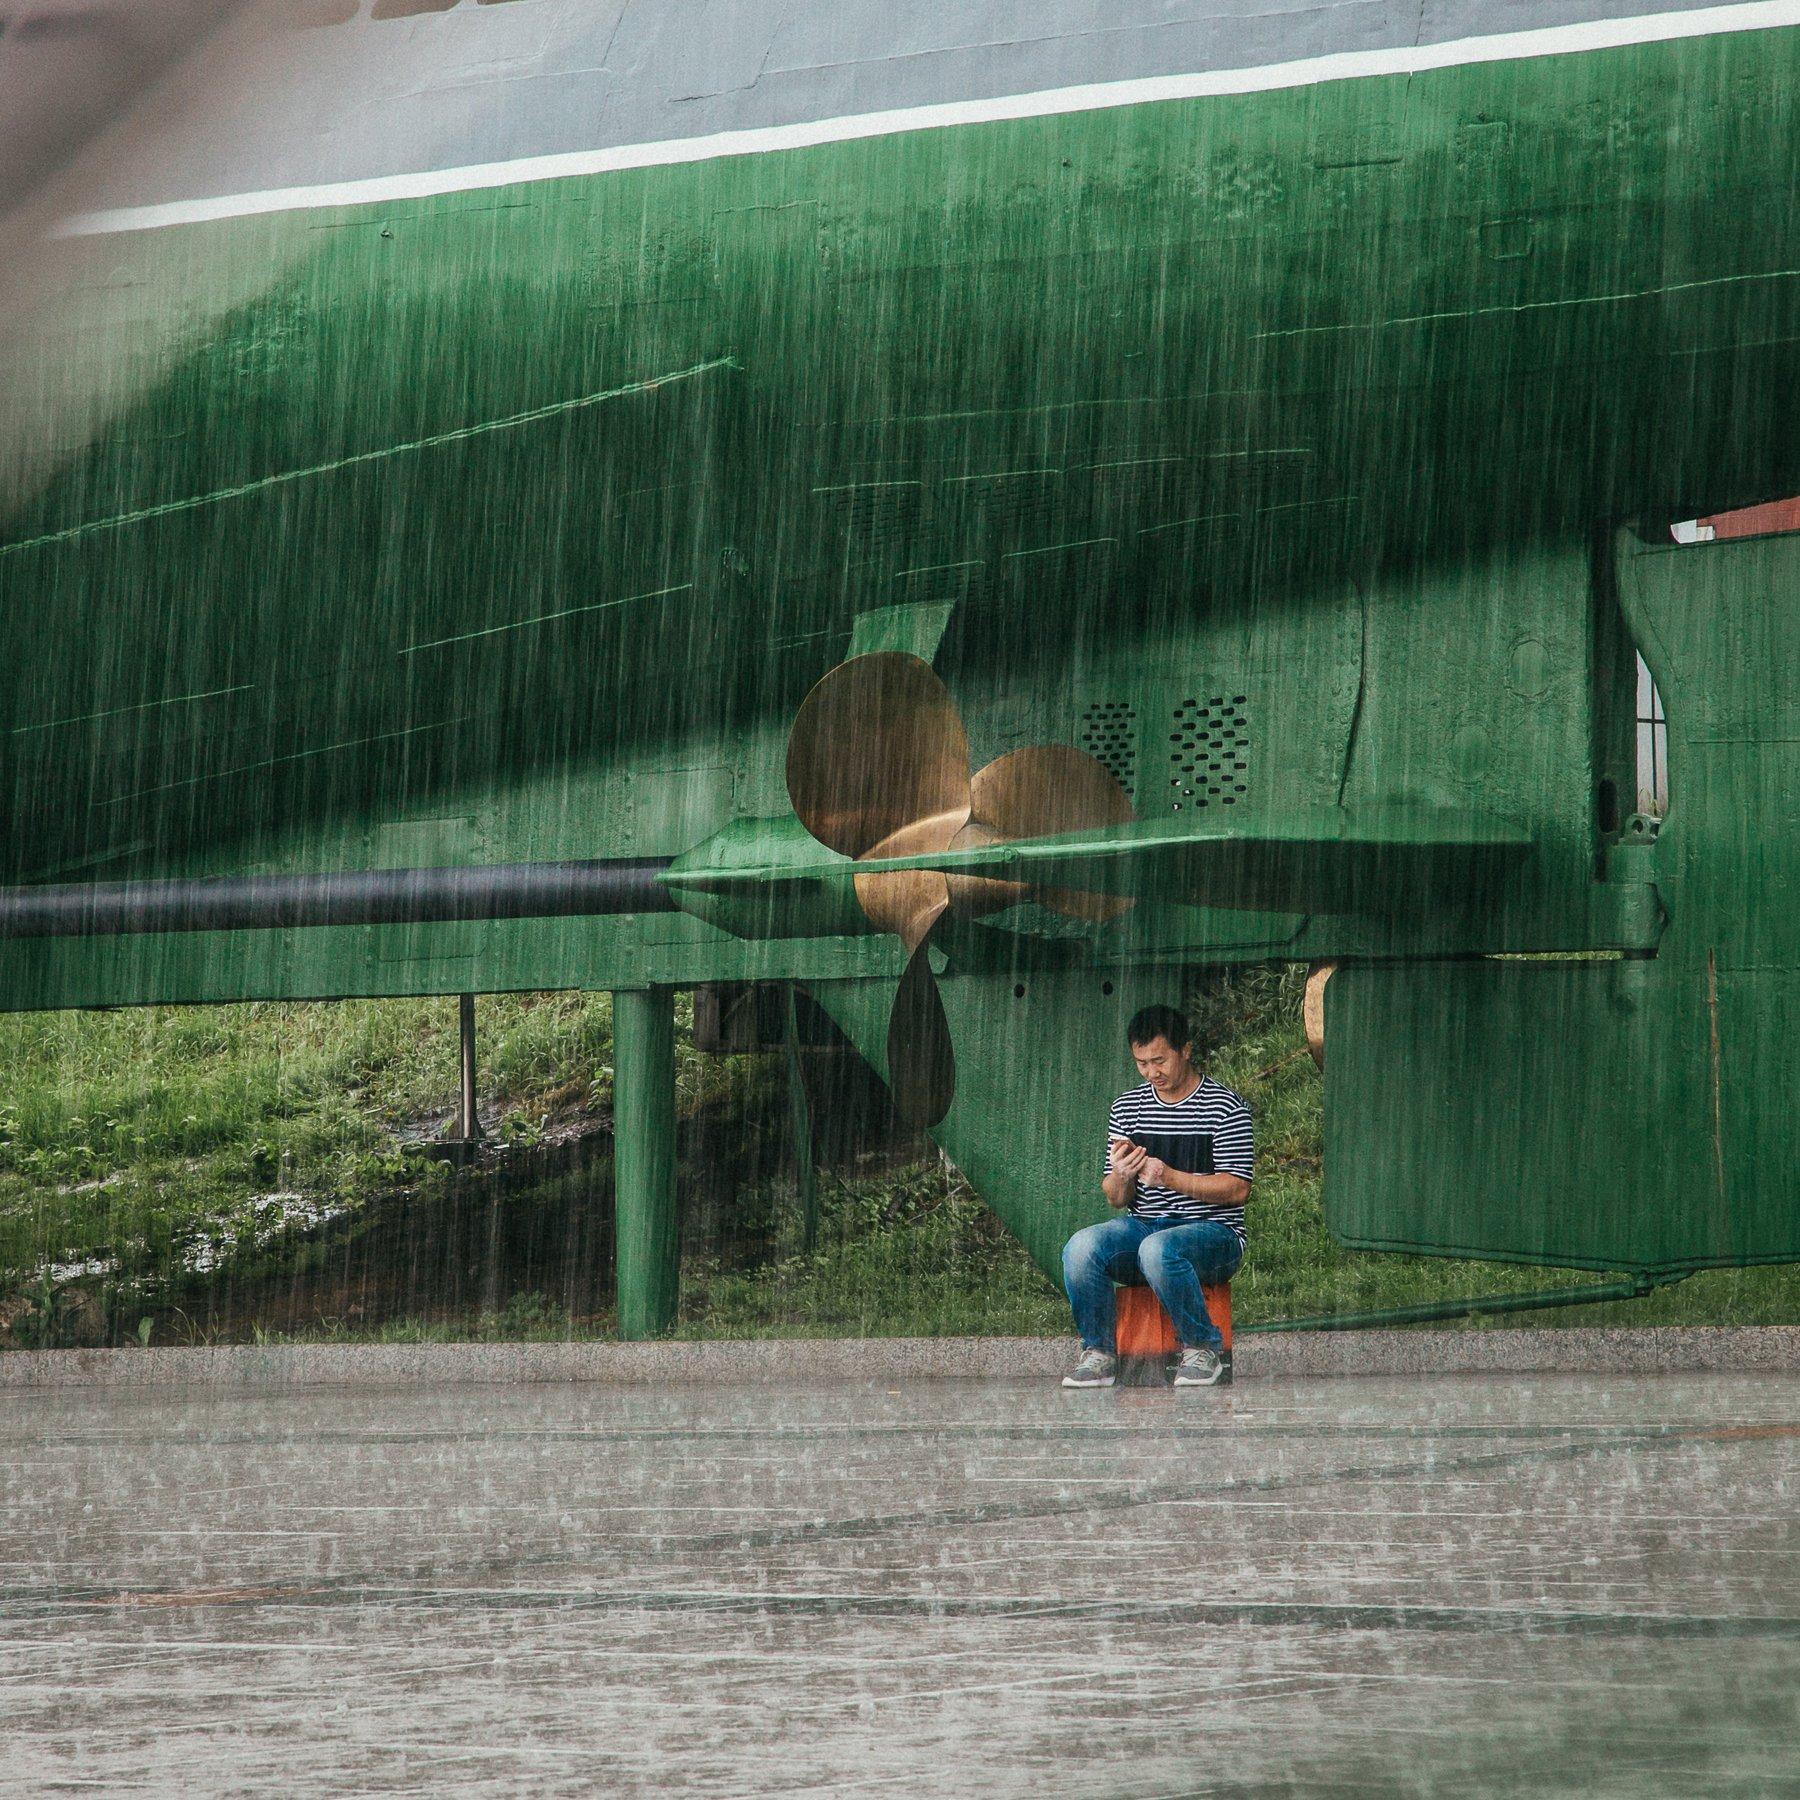 владивосток,город, дождь, подводная лодка, непогода, улица, Антон Блохин